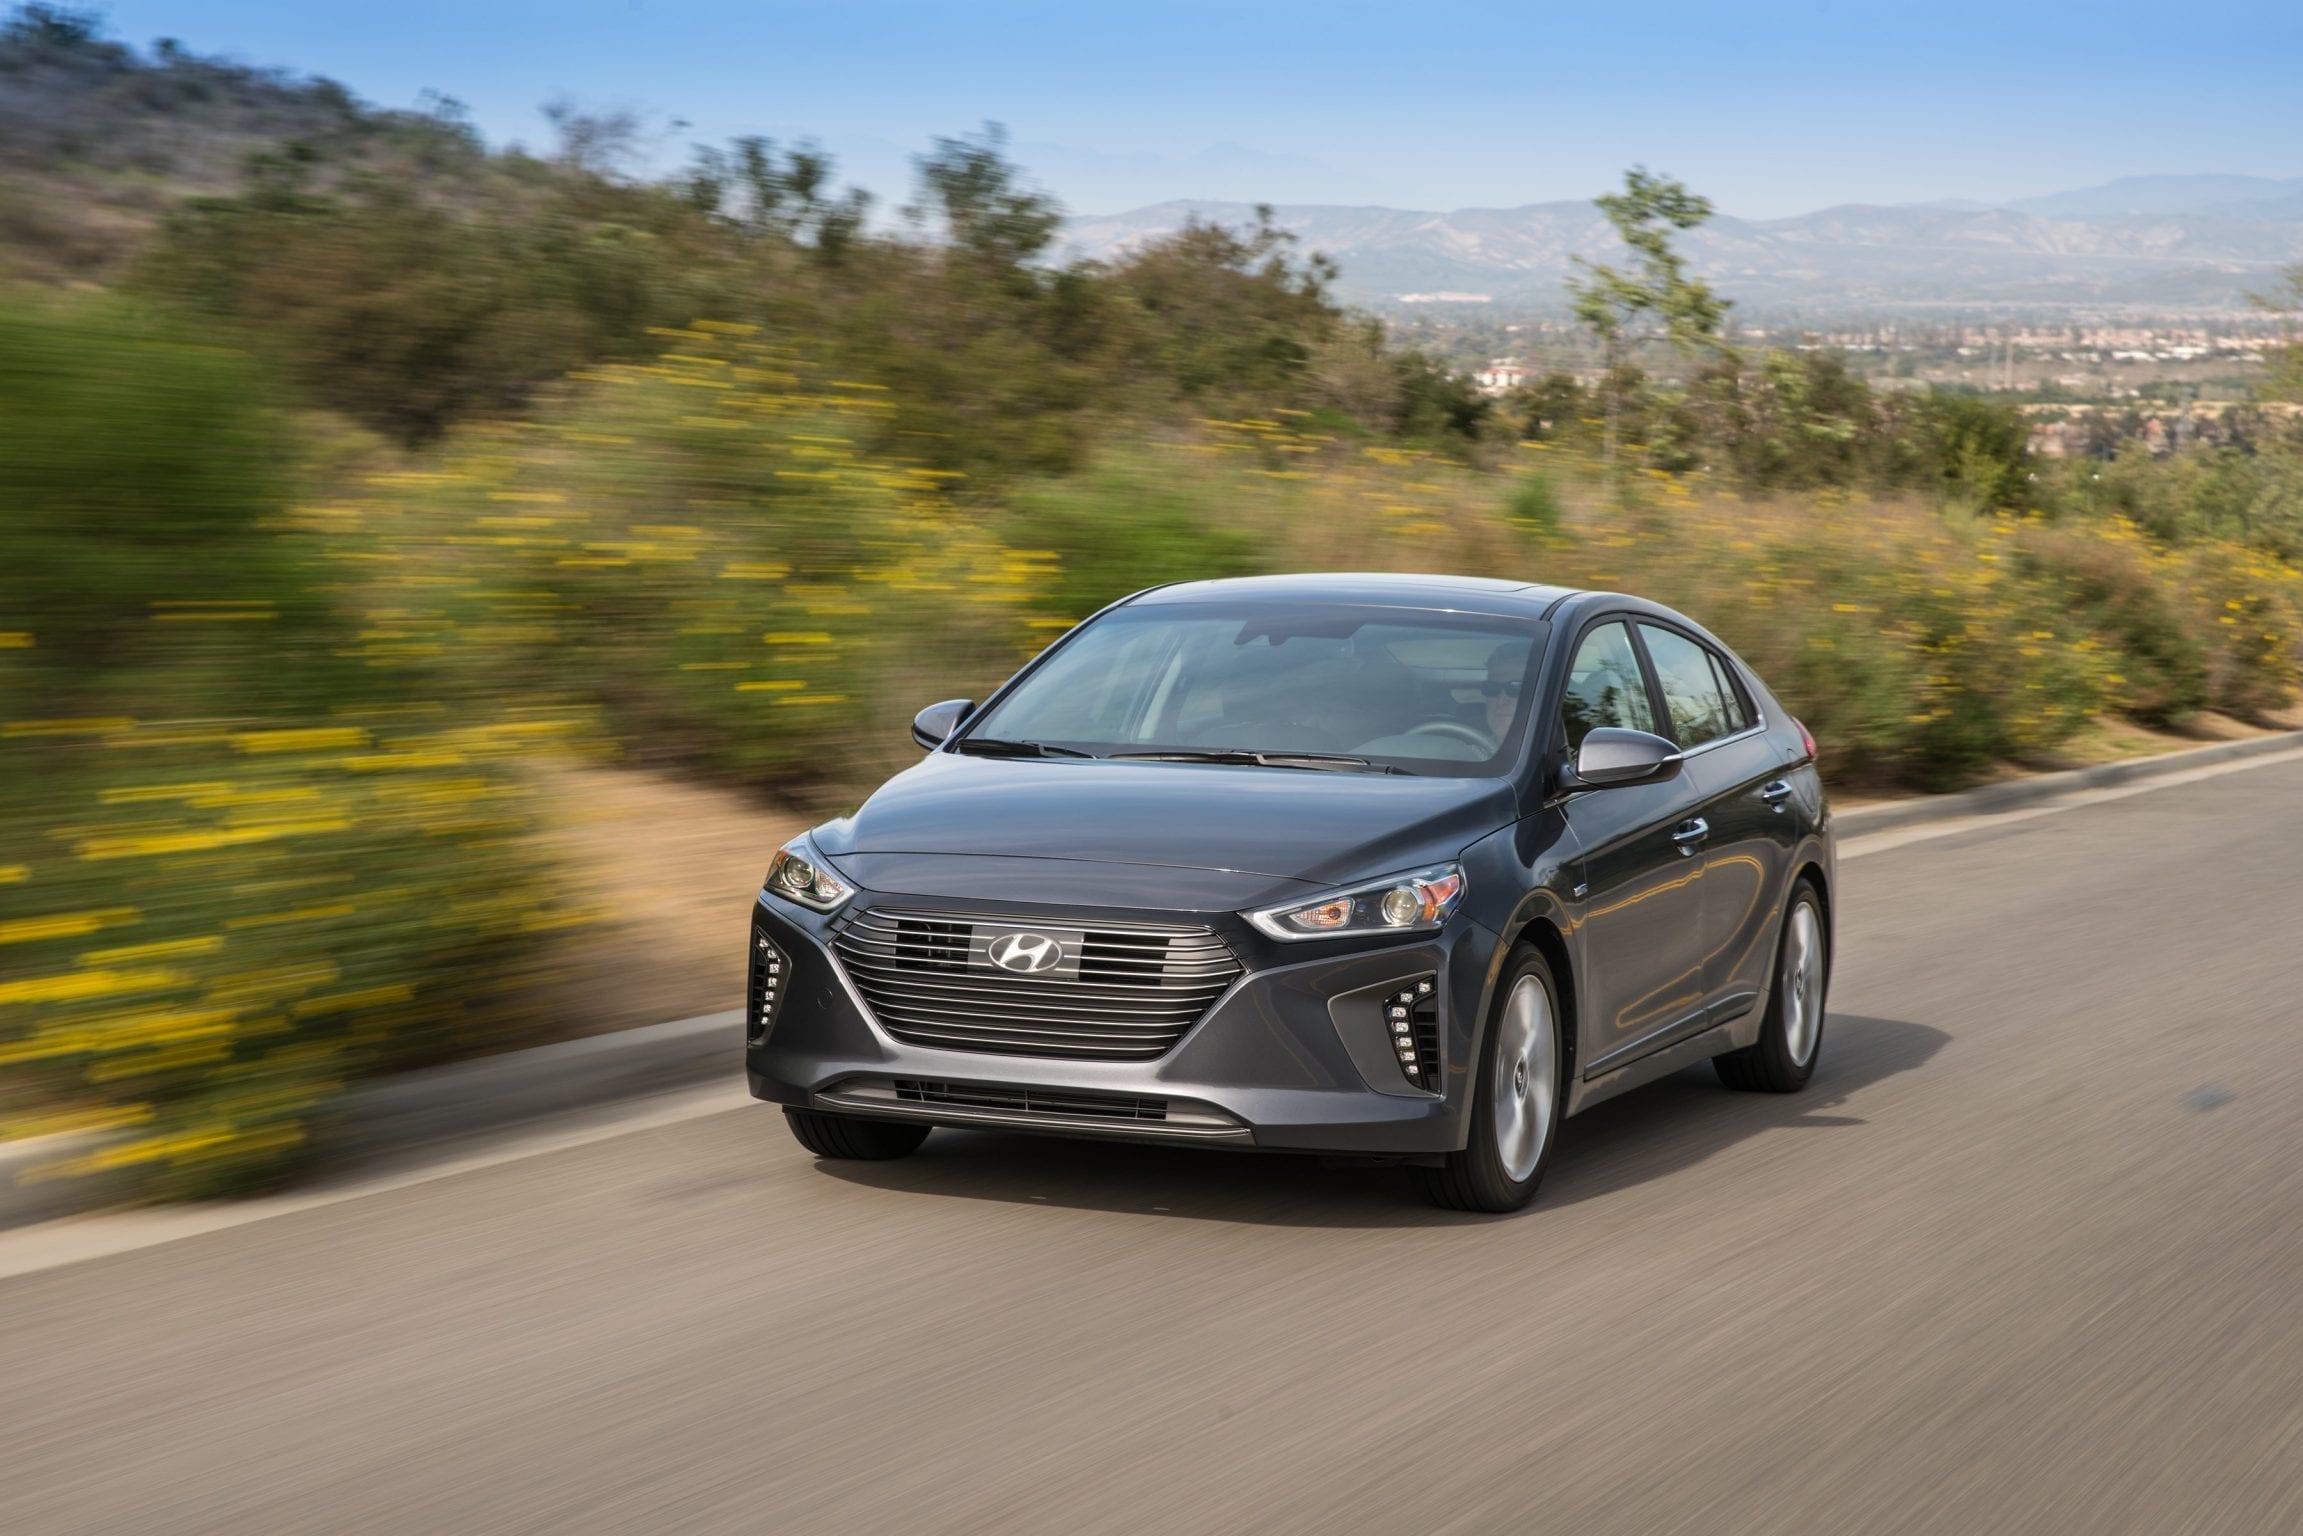 Hyundai IONIQ Plug-in Hybrid 2017 elektrisch EV